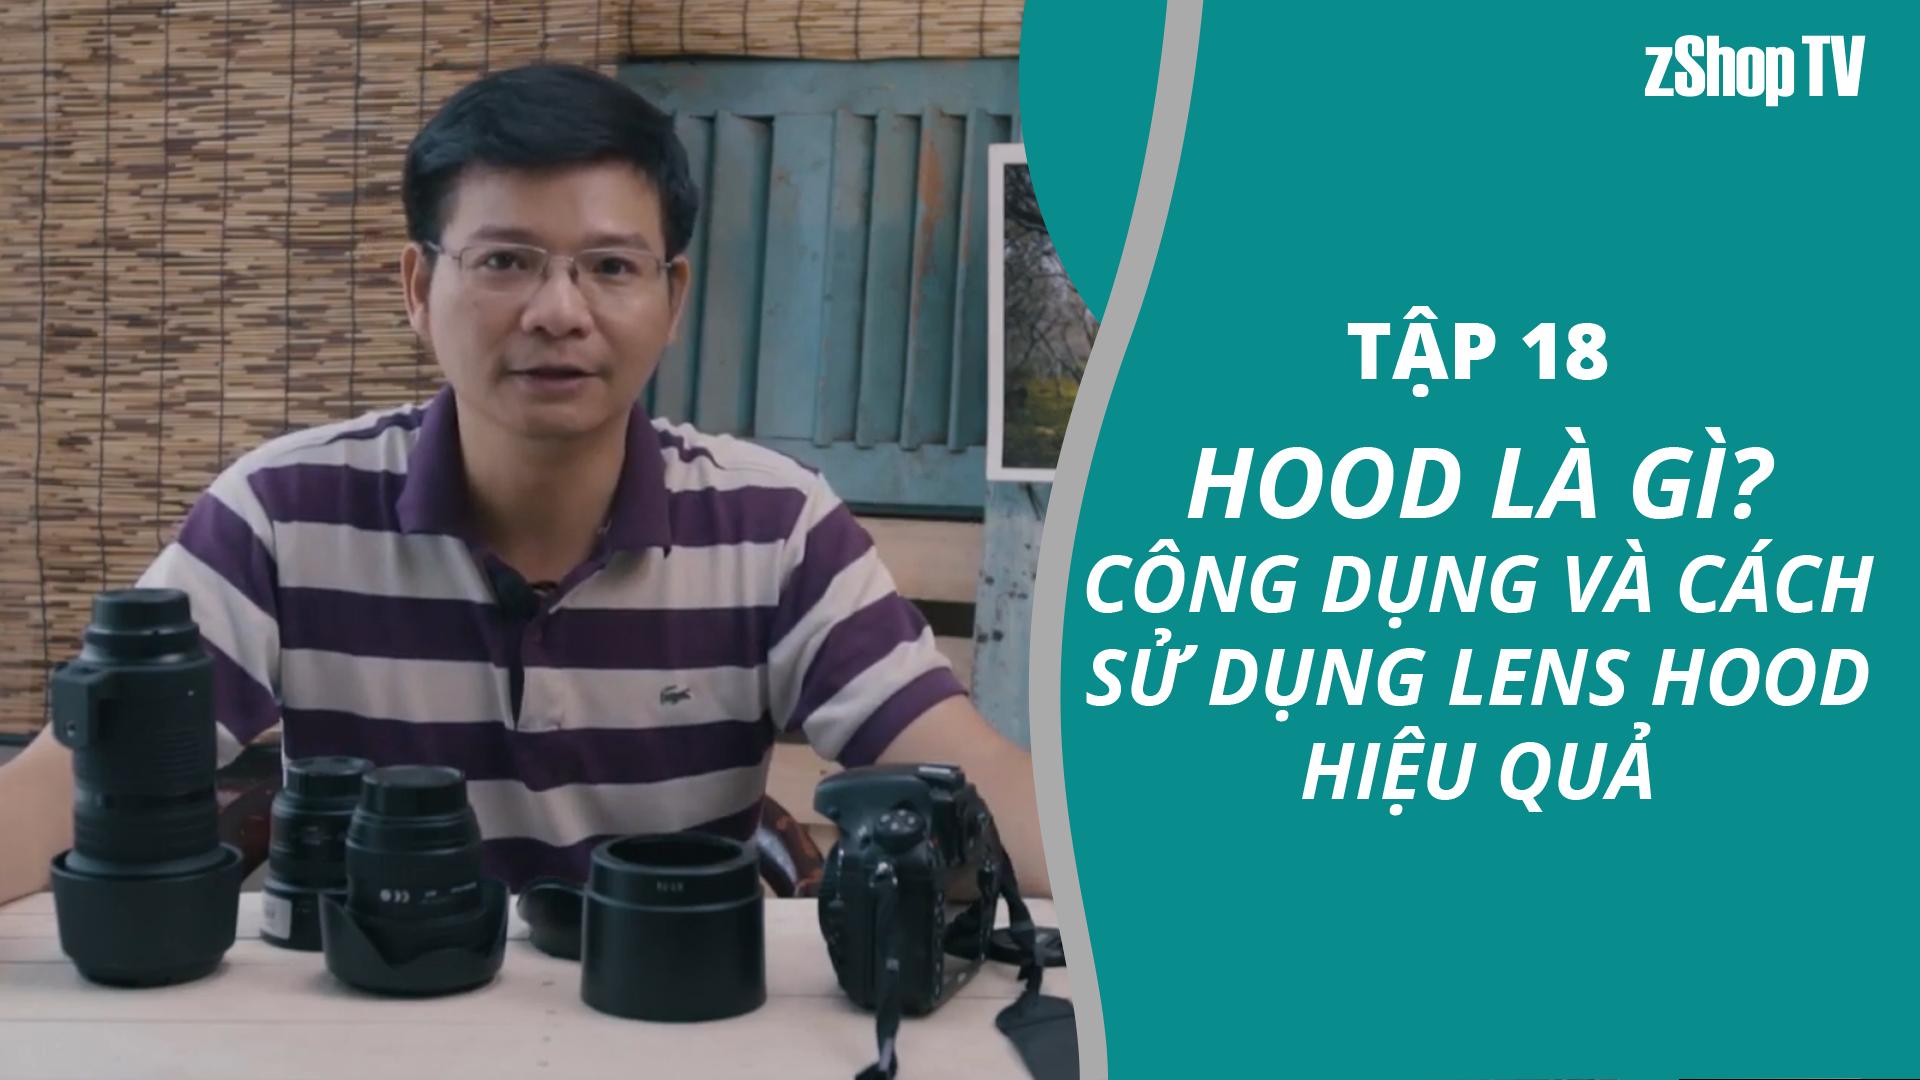 Dr Thanh – Giải Đáp Máy Ảnh | Tập 18: Hood là gì? Công dụng và cách sử dụng lens hood hiệu quả